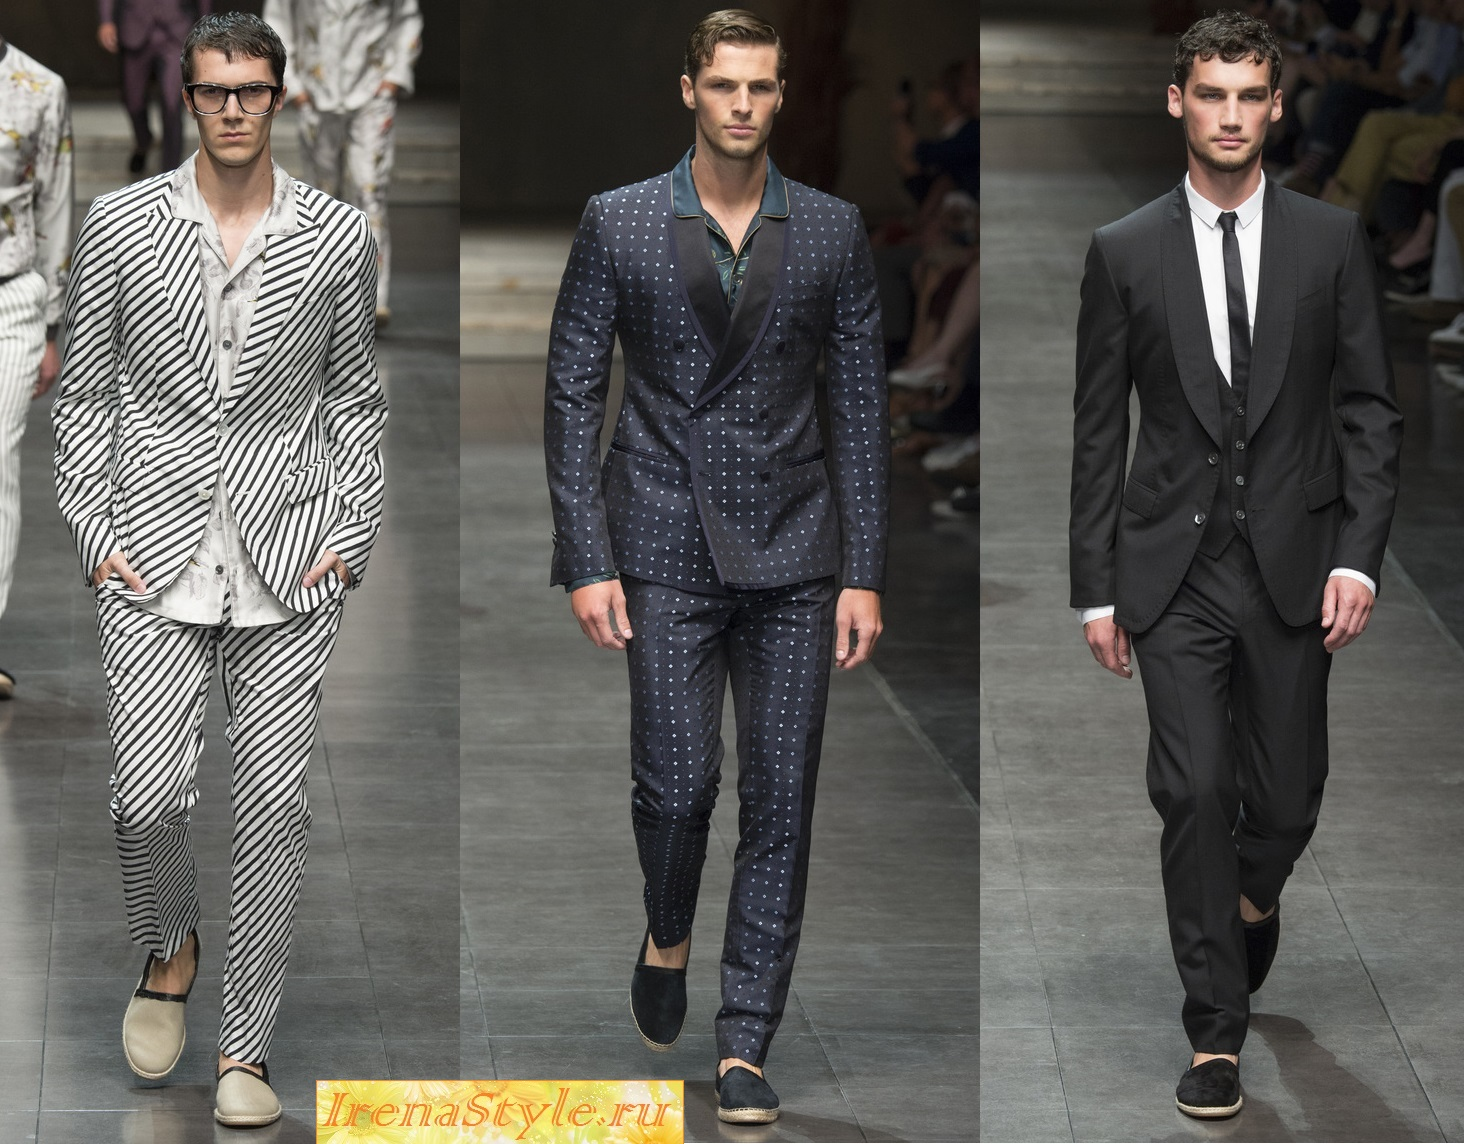 Стильная мужская одежда 2021 тренды фото новинки тенденции